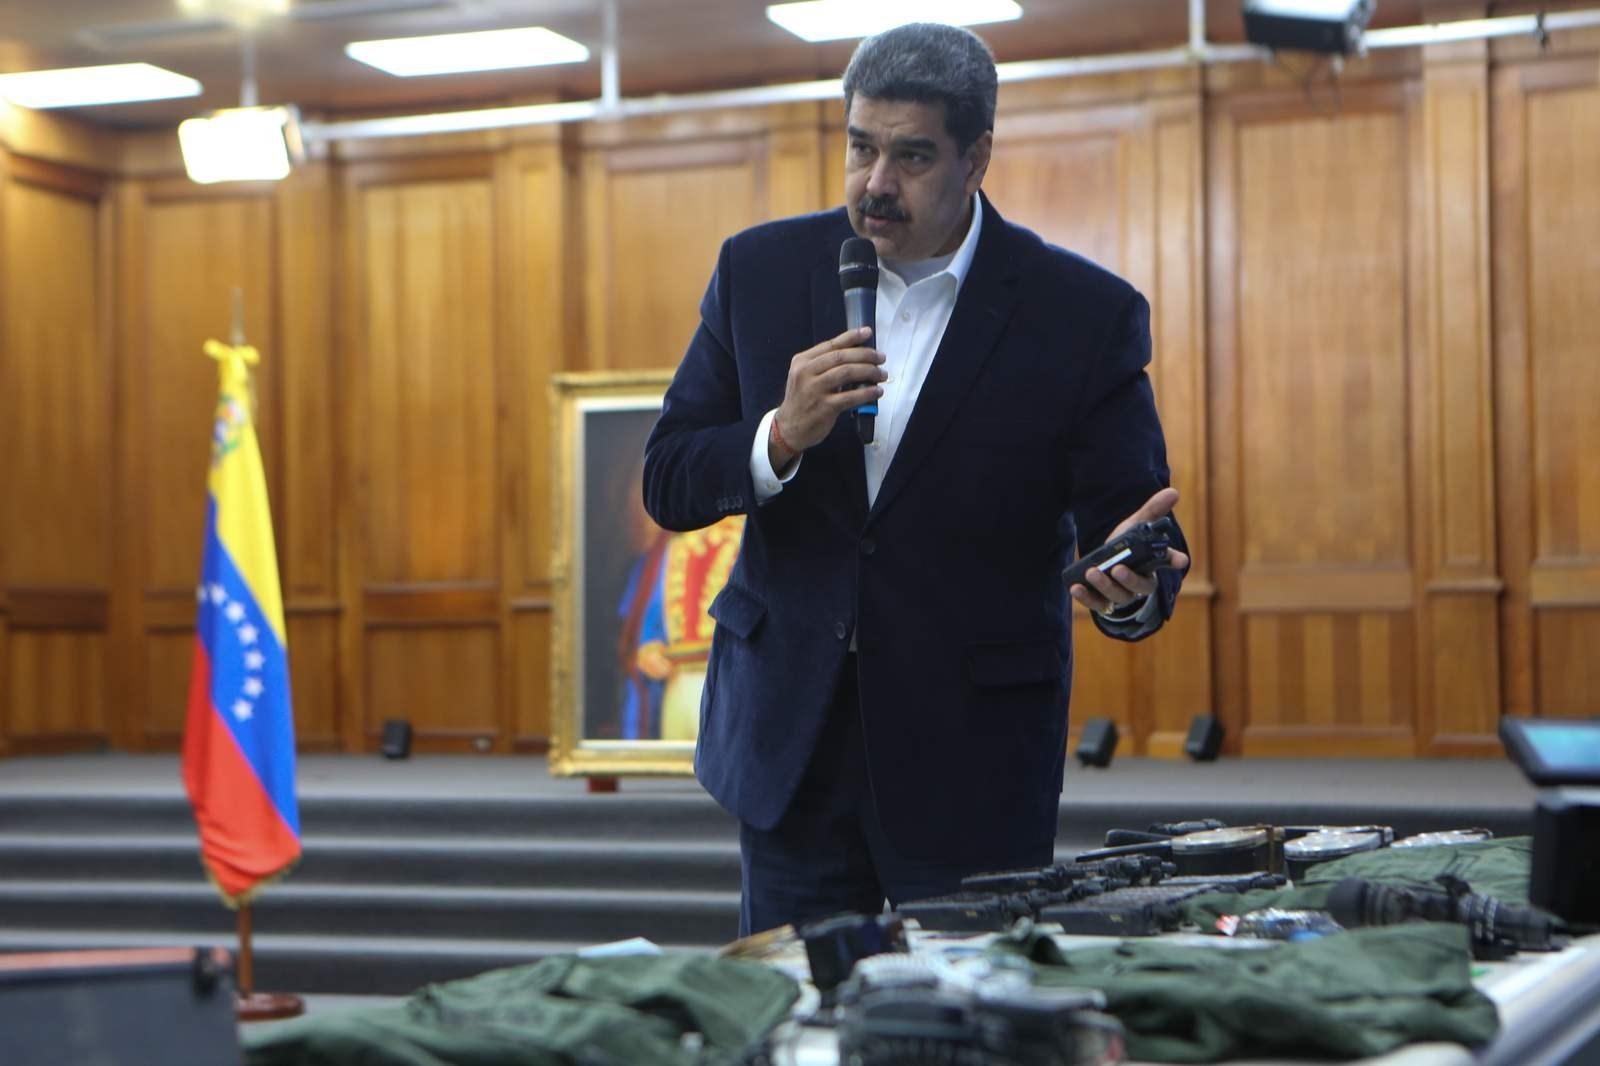 مادورو: الأميركيان المتوغلان في فنزويلا اعترفا بجرمهما وسيحاكمان